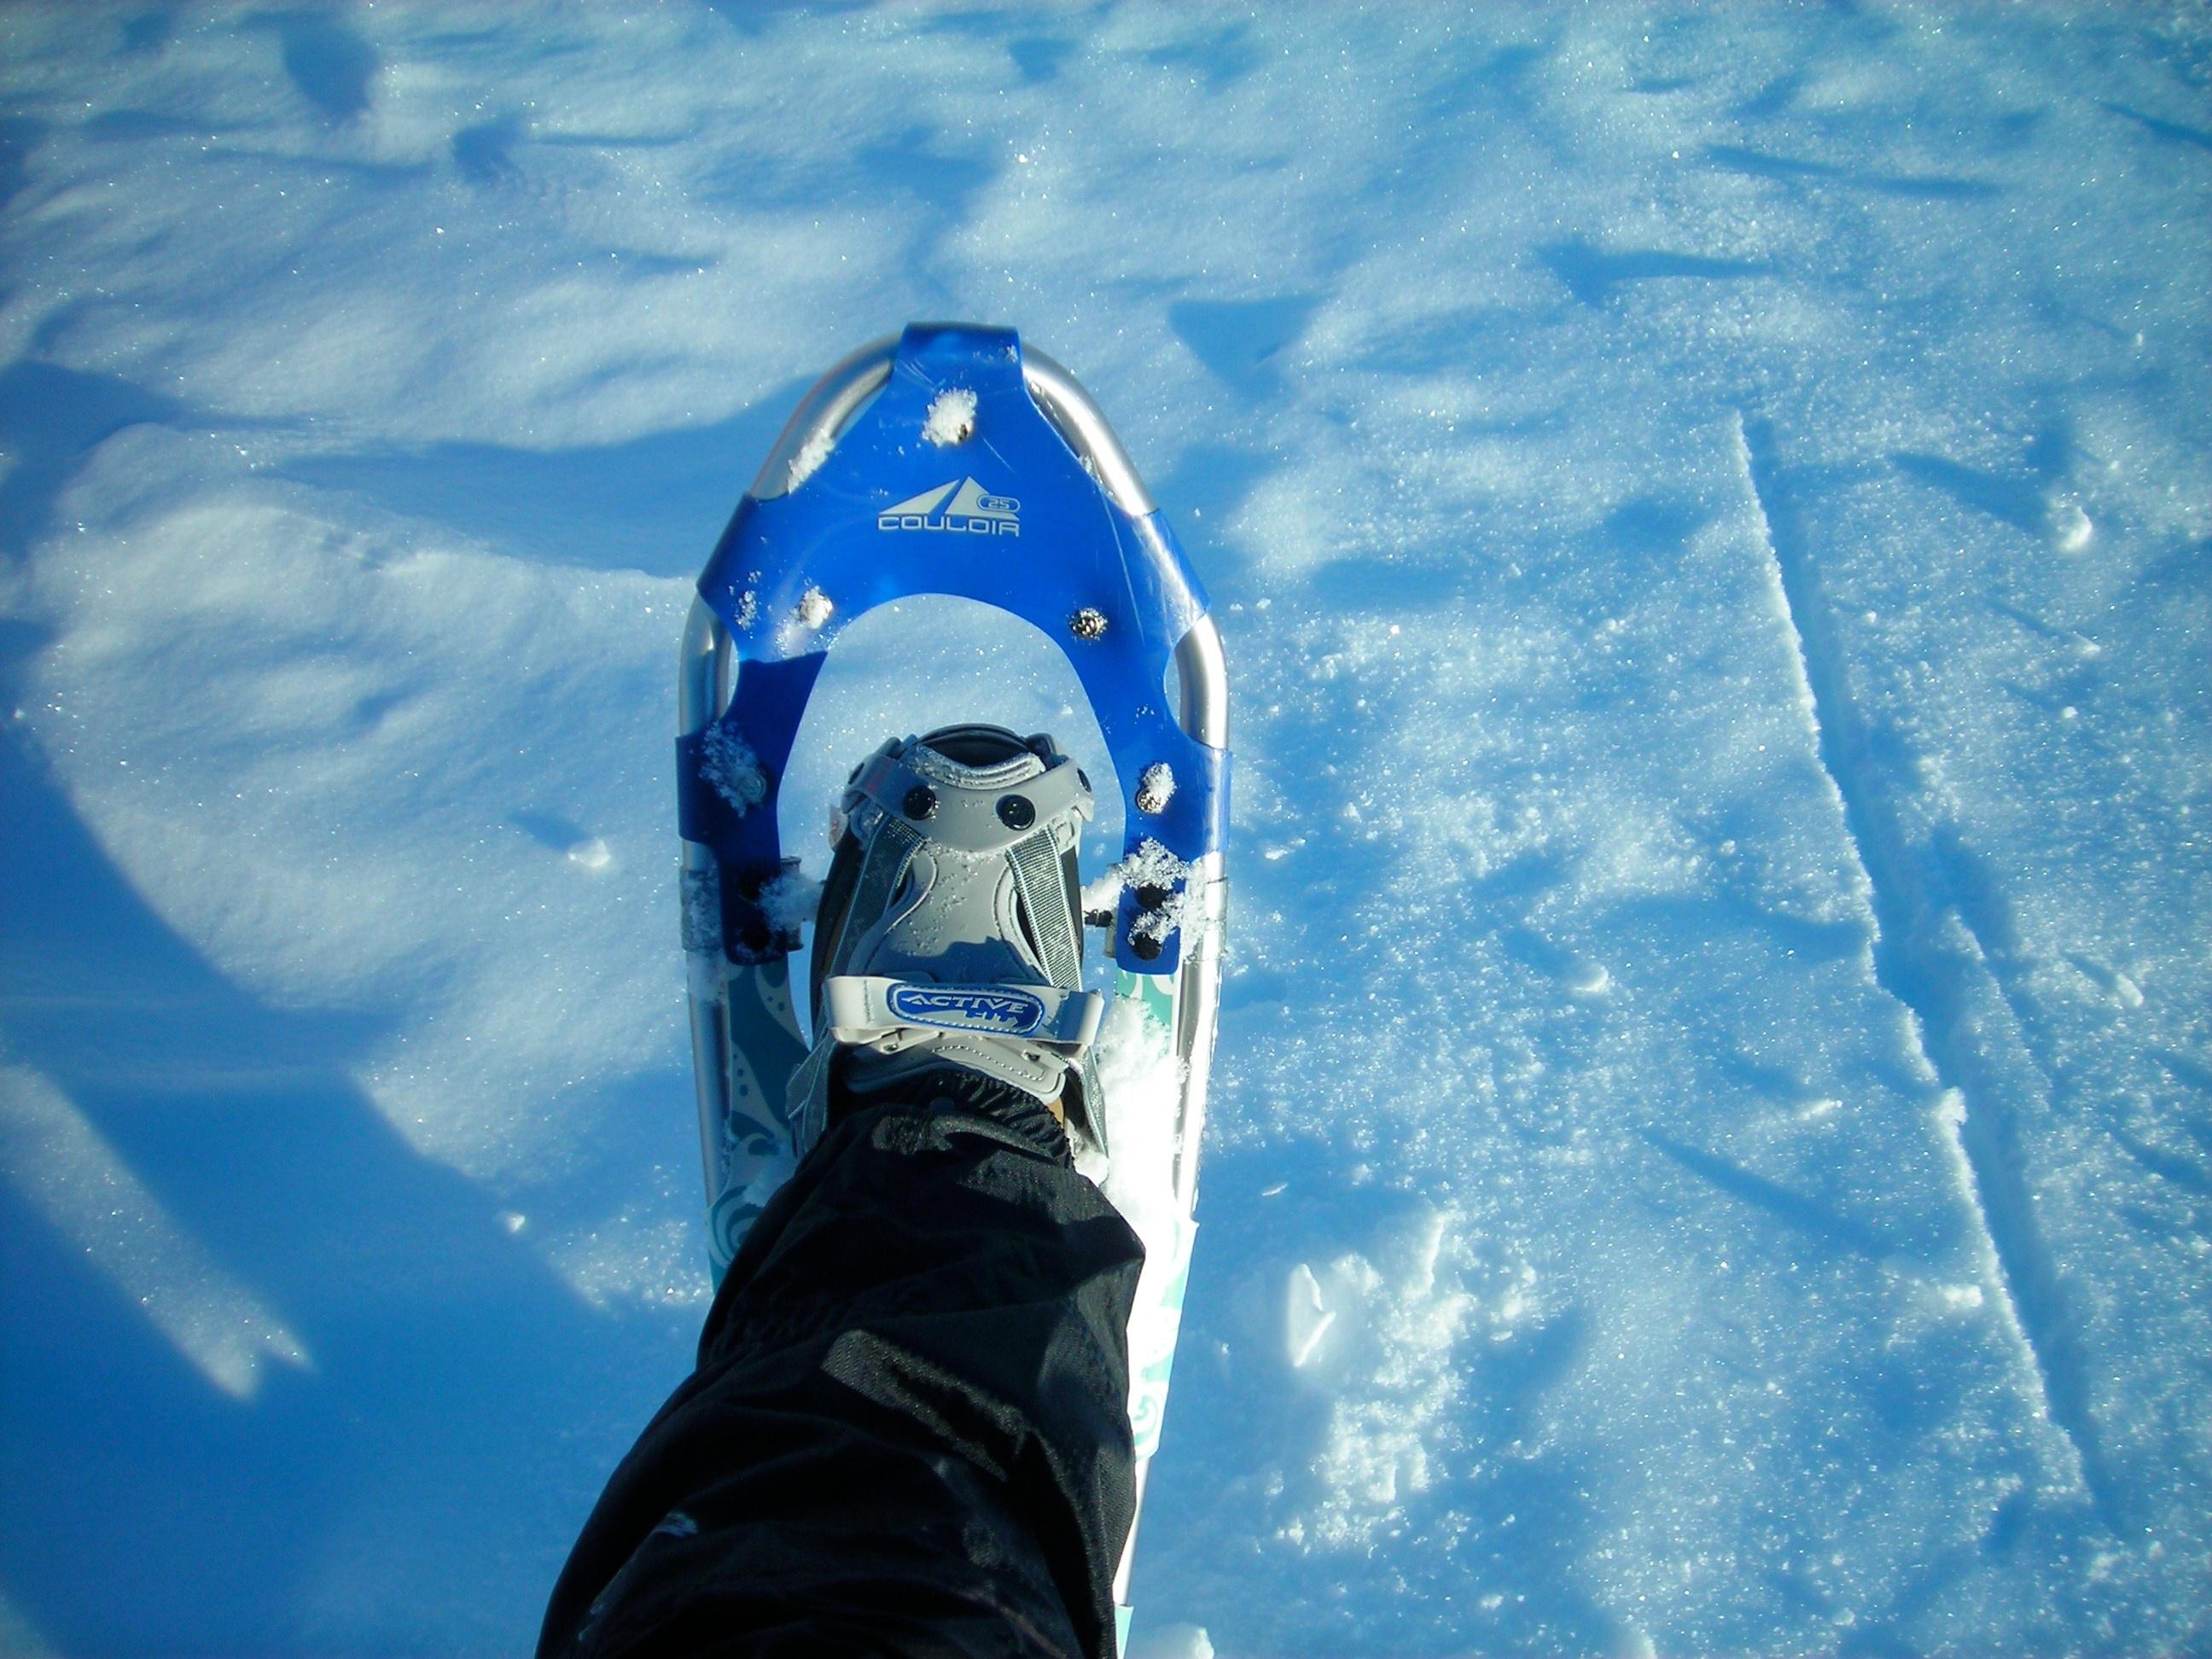 Schneeschuhgehen macht Spaß!